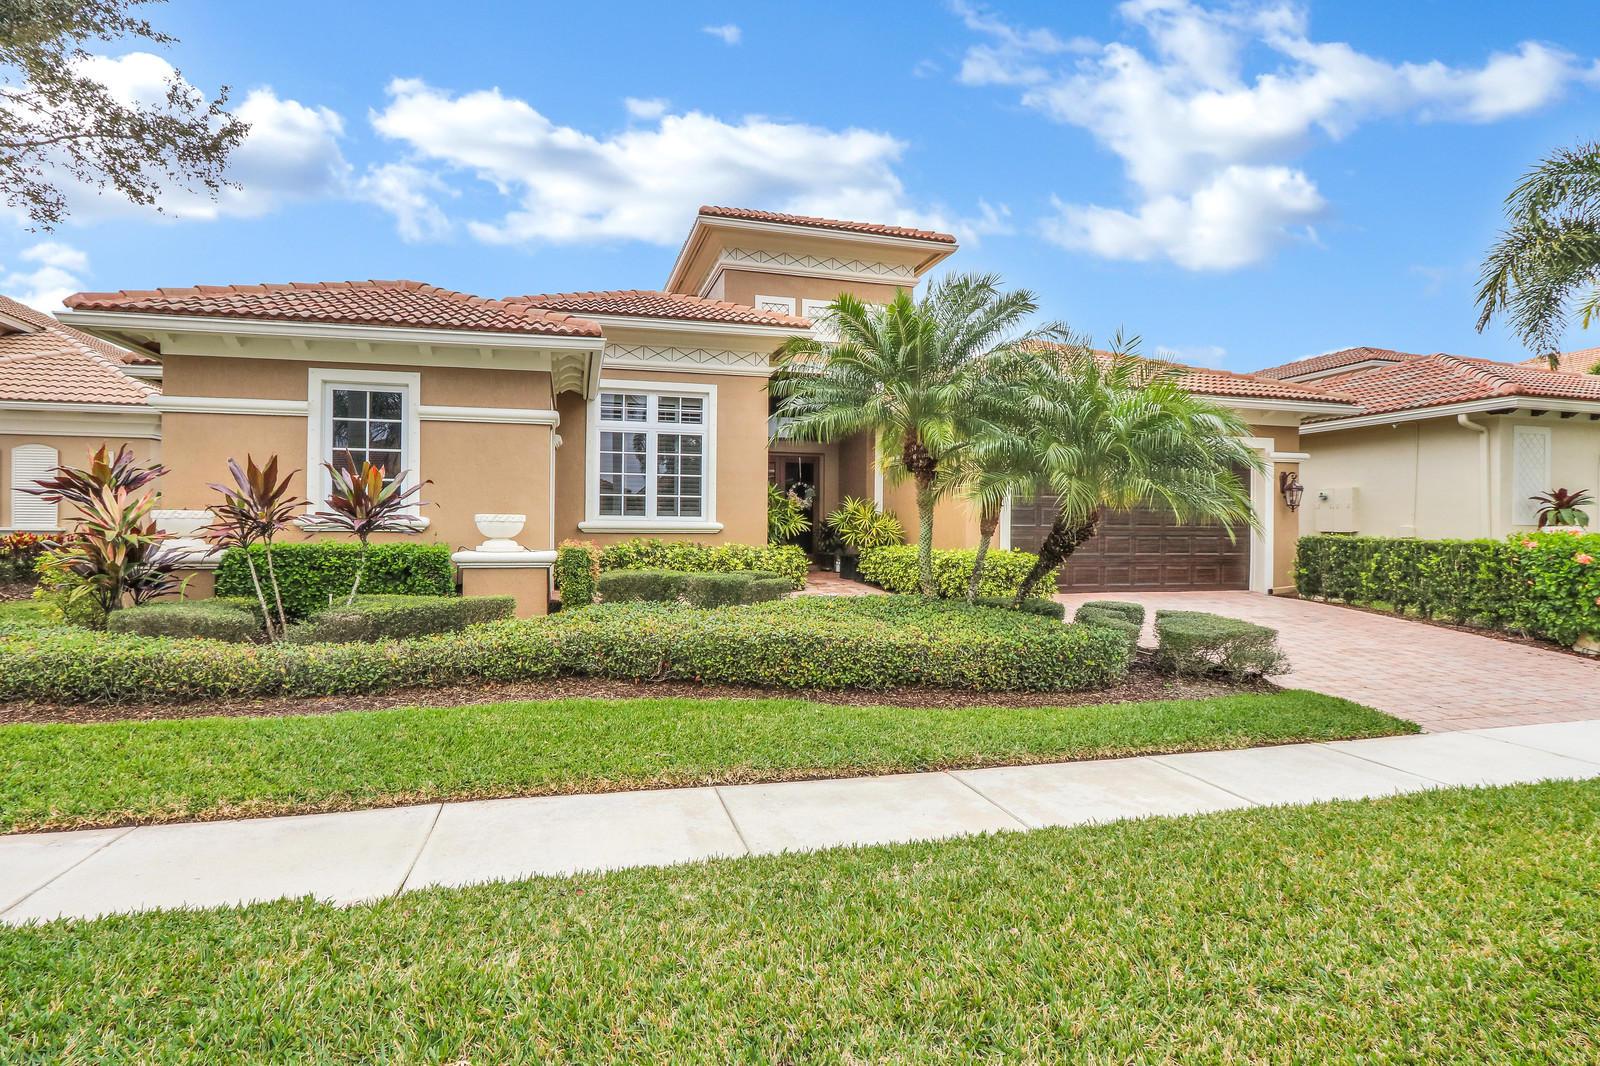 7025 Isla Vista Drive, West Palm Beach, Florida 33412, 3 Bedrooms Bedrooms, ,3.1 BathroomsBathrooms,A,Single family,Isla Vista,RX-10502017